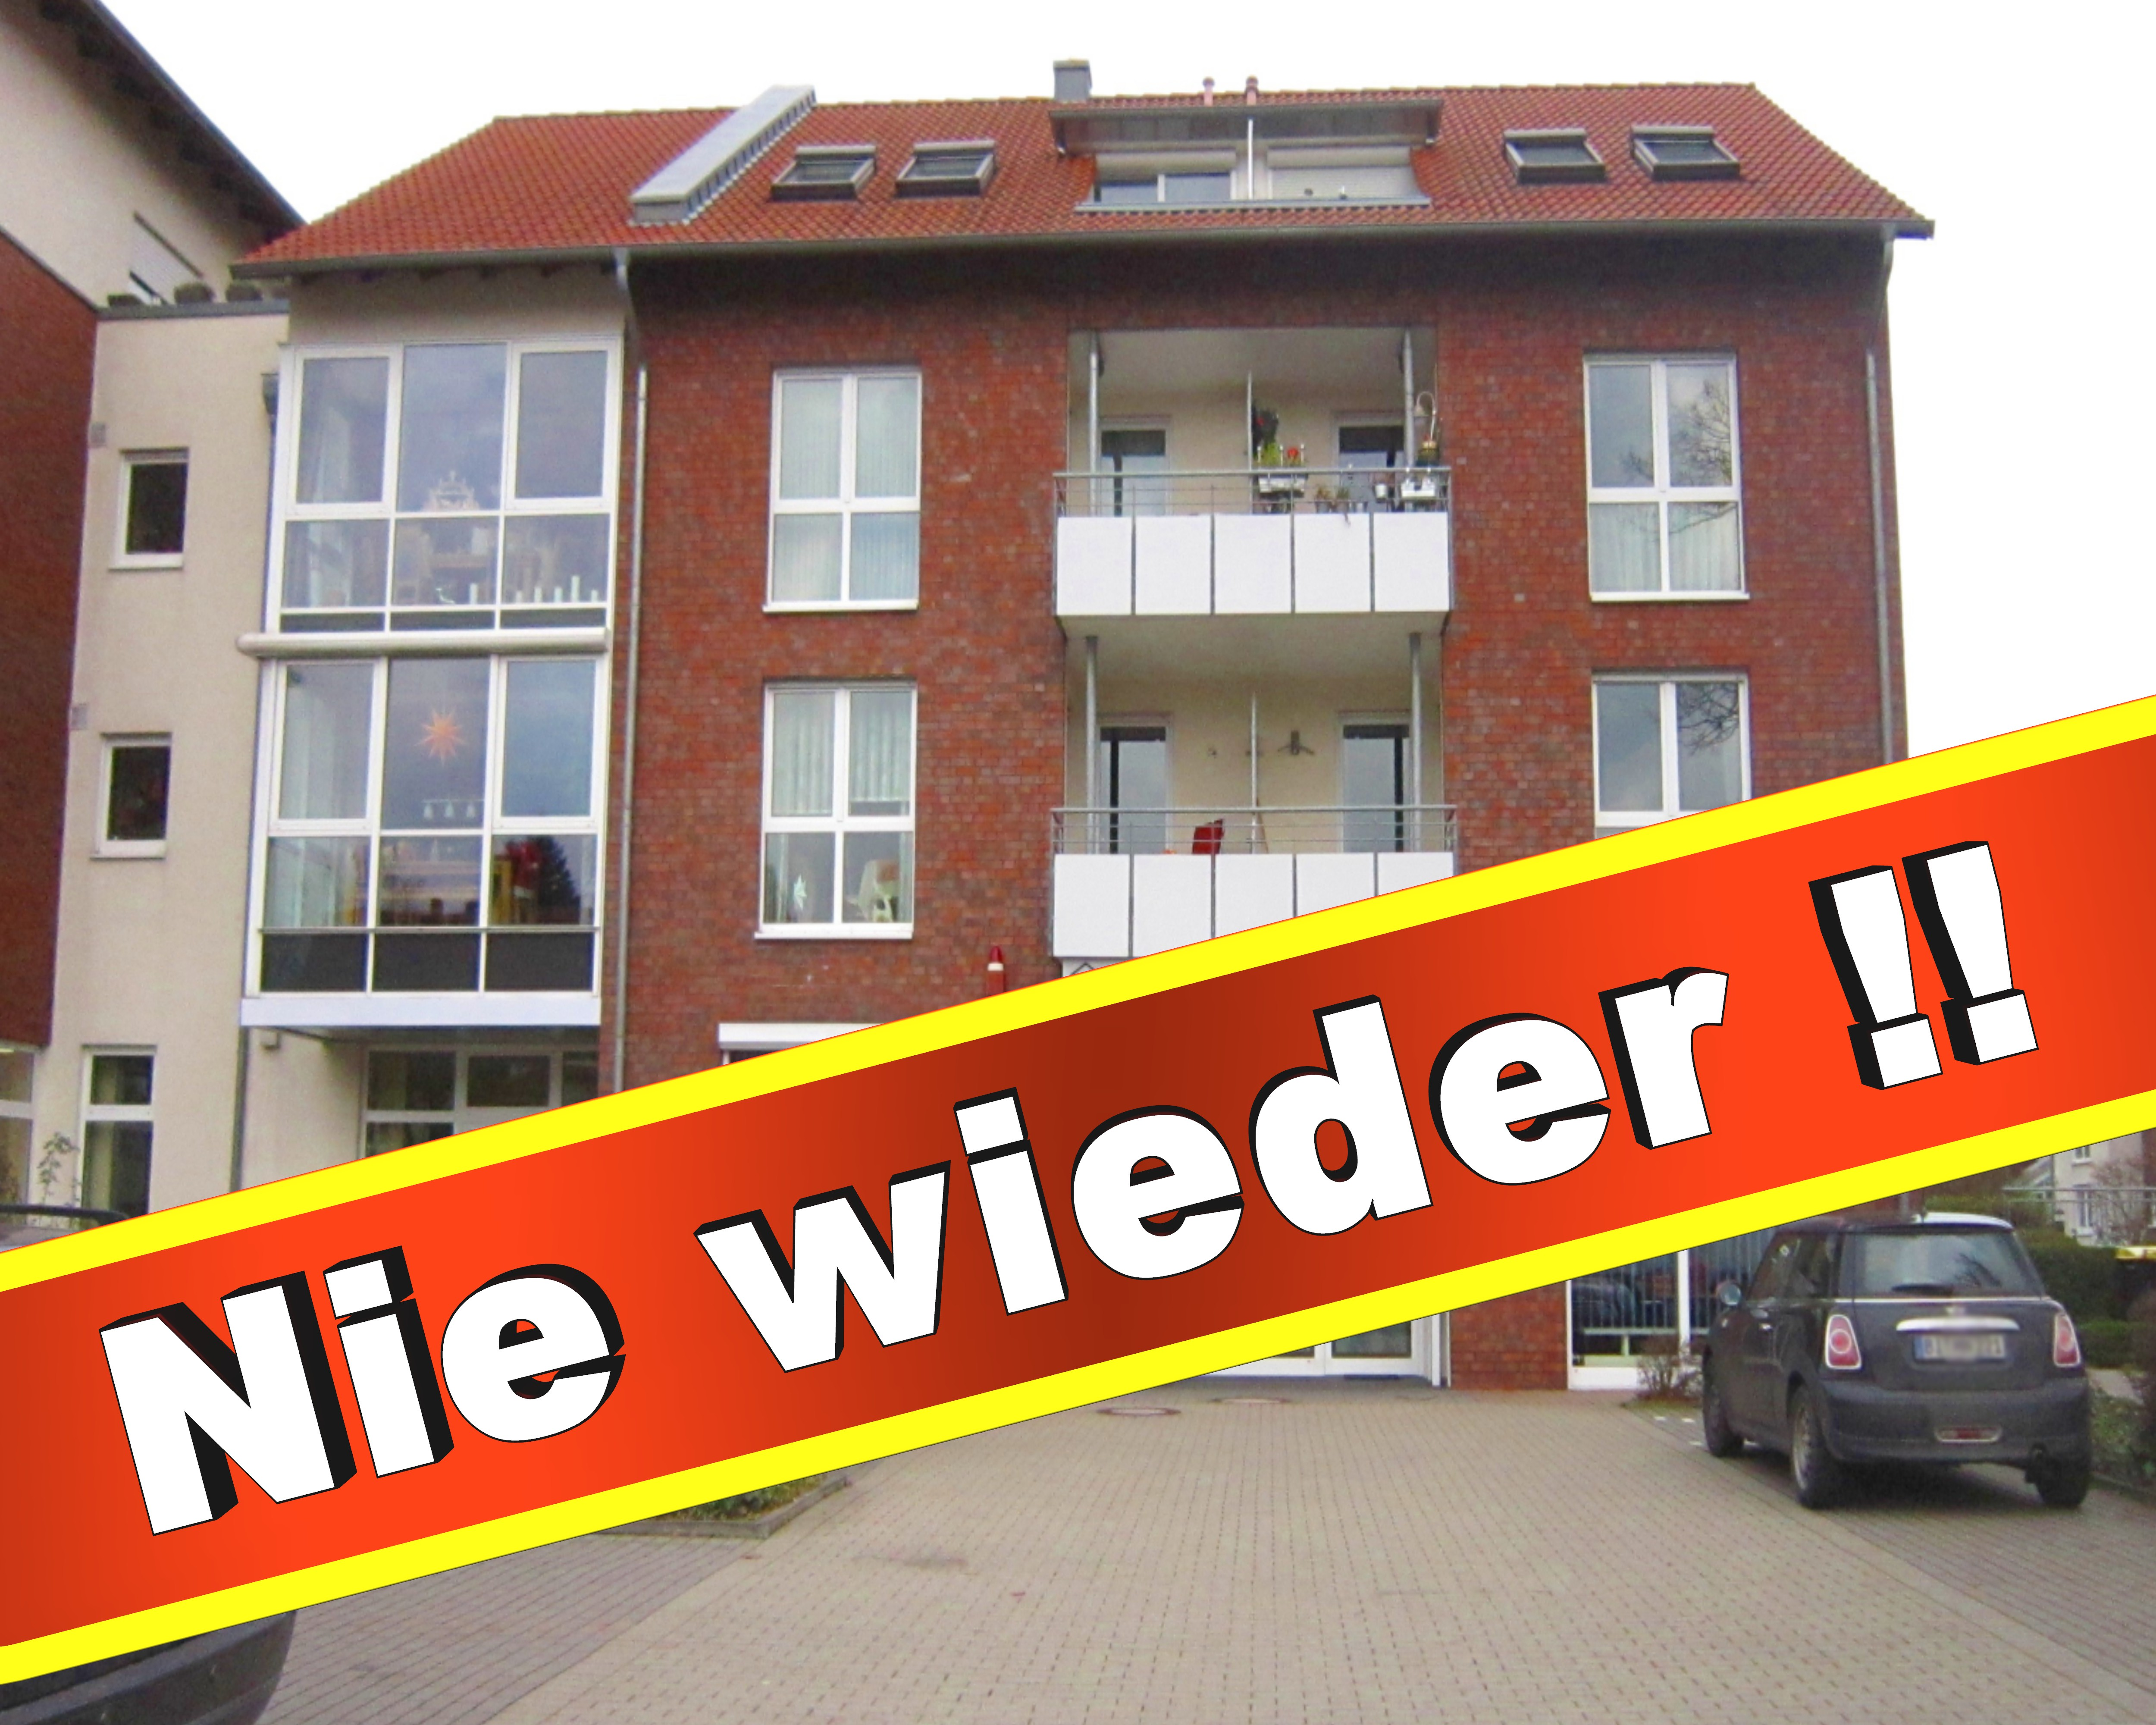 Hausverwaltung Clemens Bielefeld Jöllenbecker Str 306, 33613 Bielefeld Grundstücksverwaltung Hausverwaltungen (3)